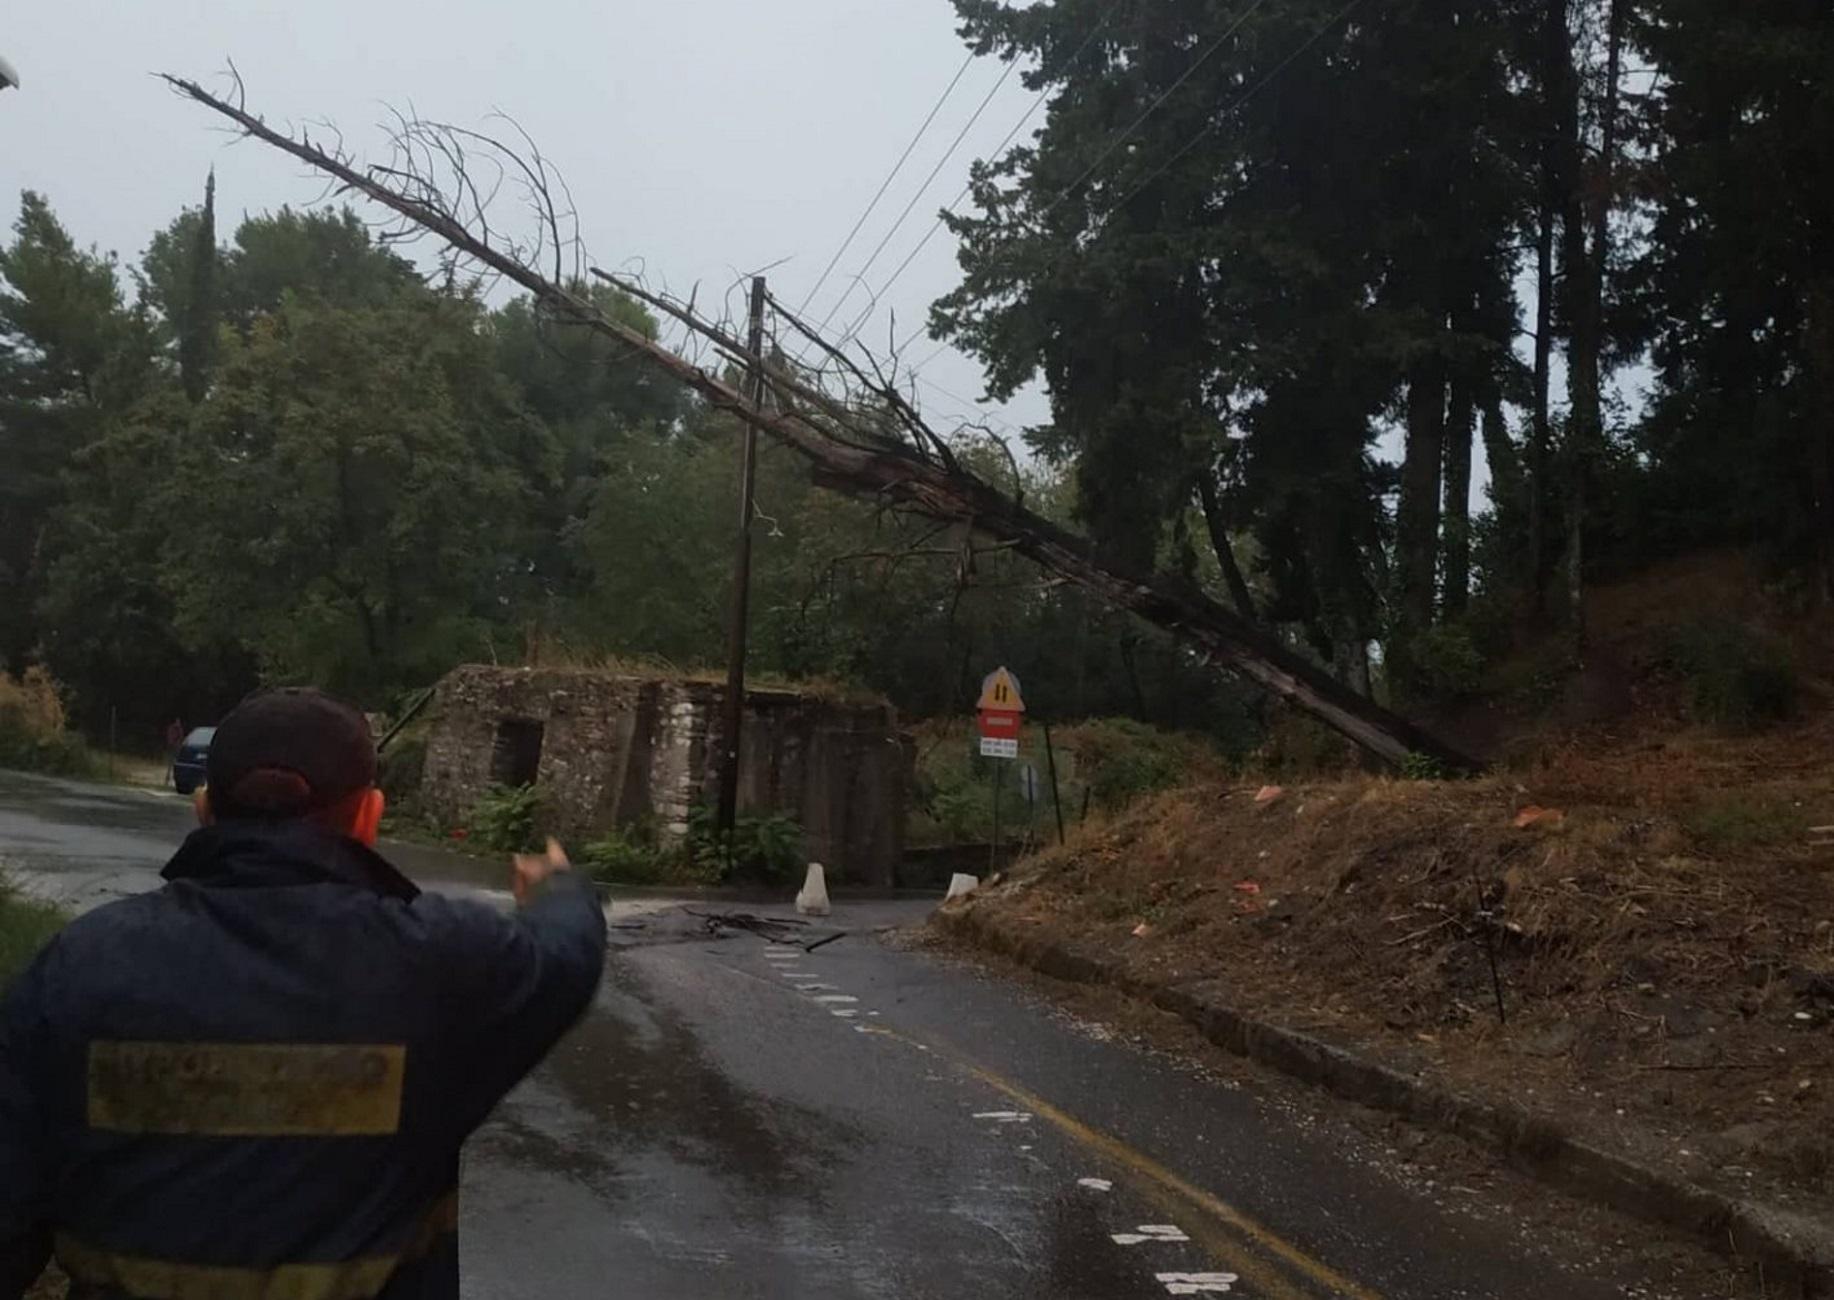 Καιρός: Πλημμύρες, πτώσεις δέντρων και δεμένα πλοία – Η Κέρκυρα αισθάνεται την κακοκαιρία [pics]